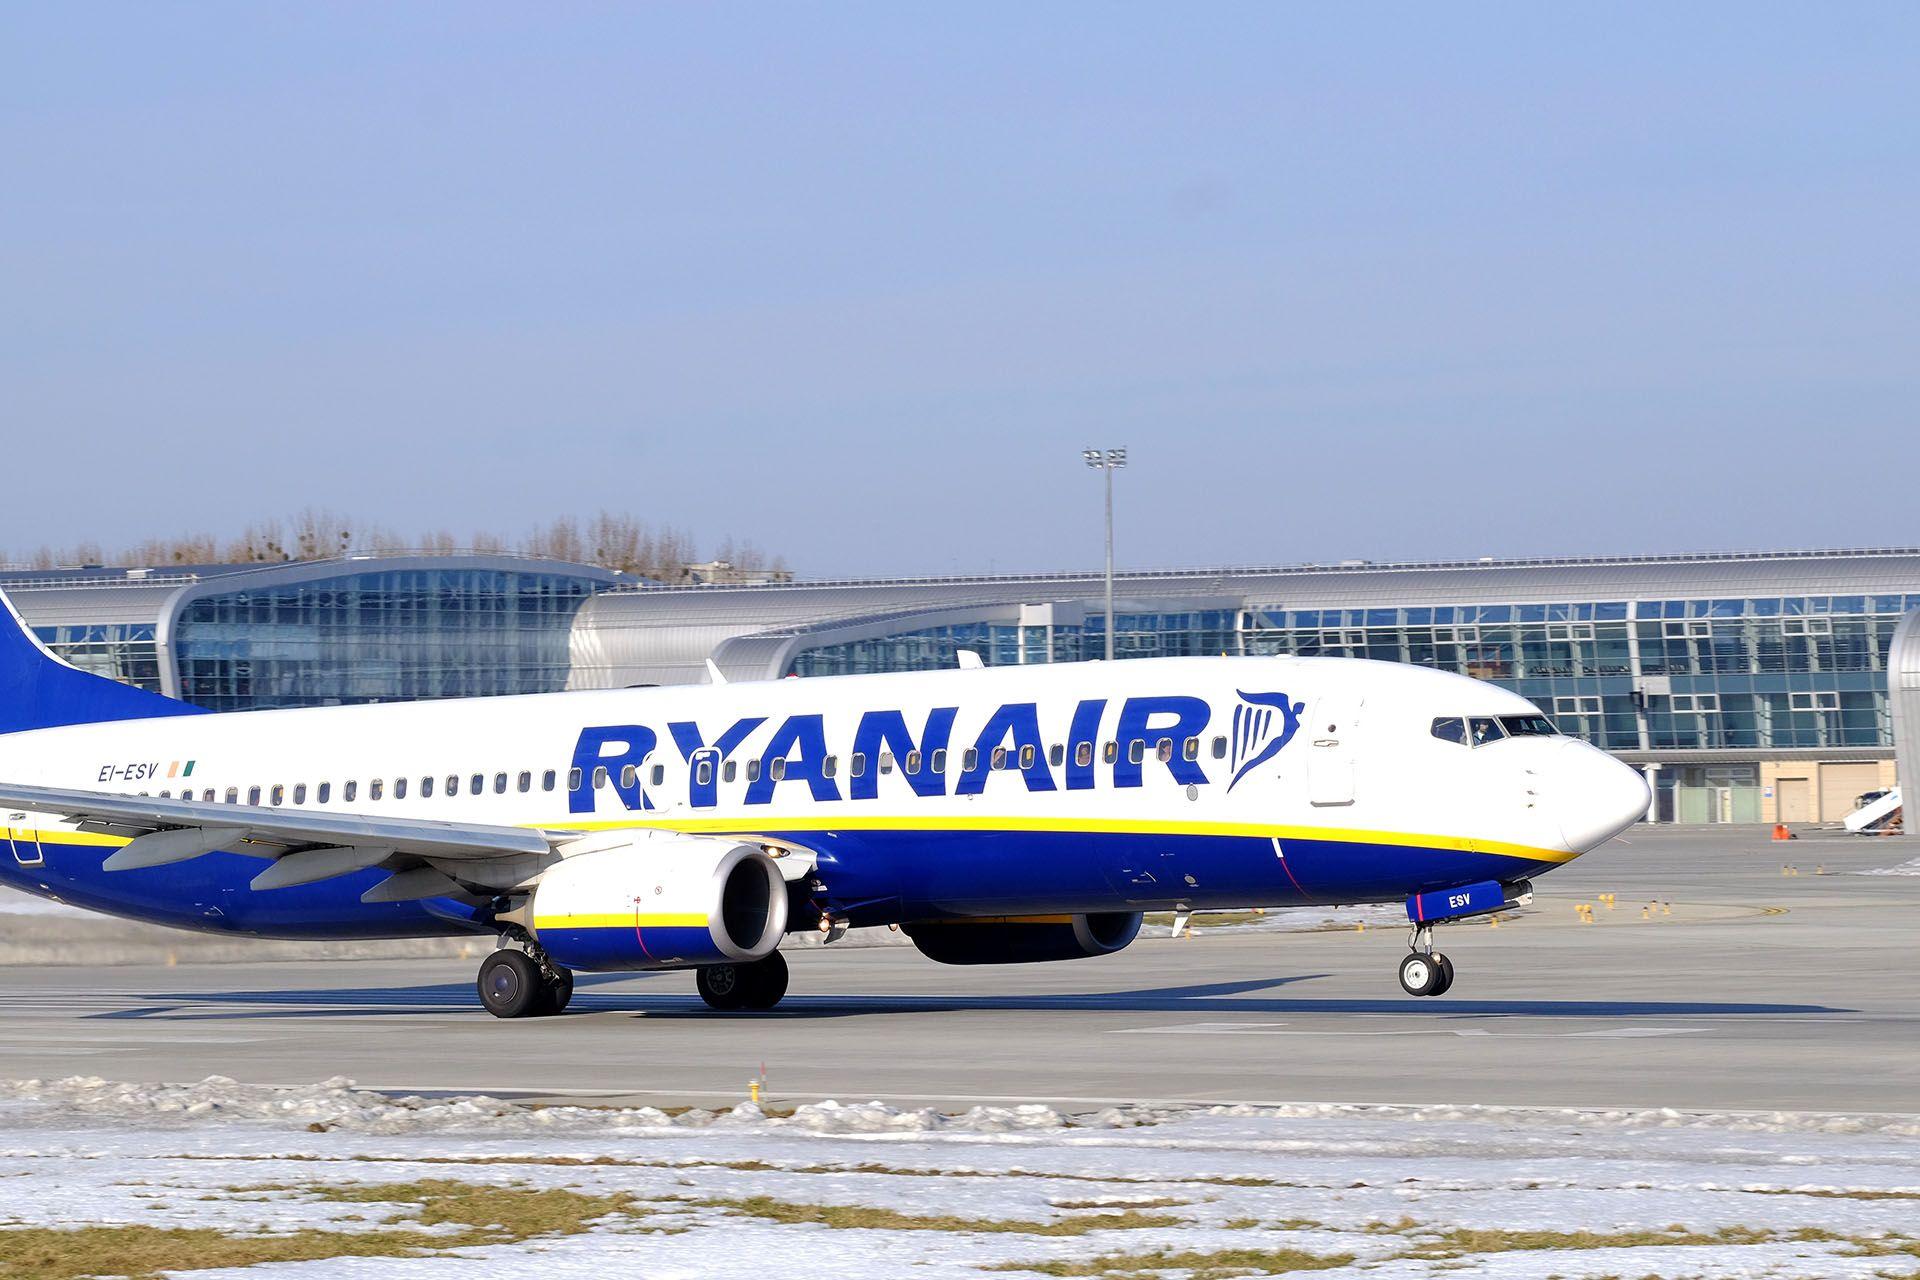 Синьо-білий літак на злітно-посадковій смузі в аеропорту